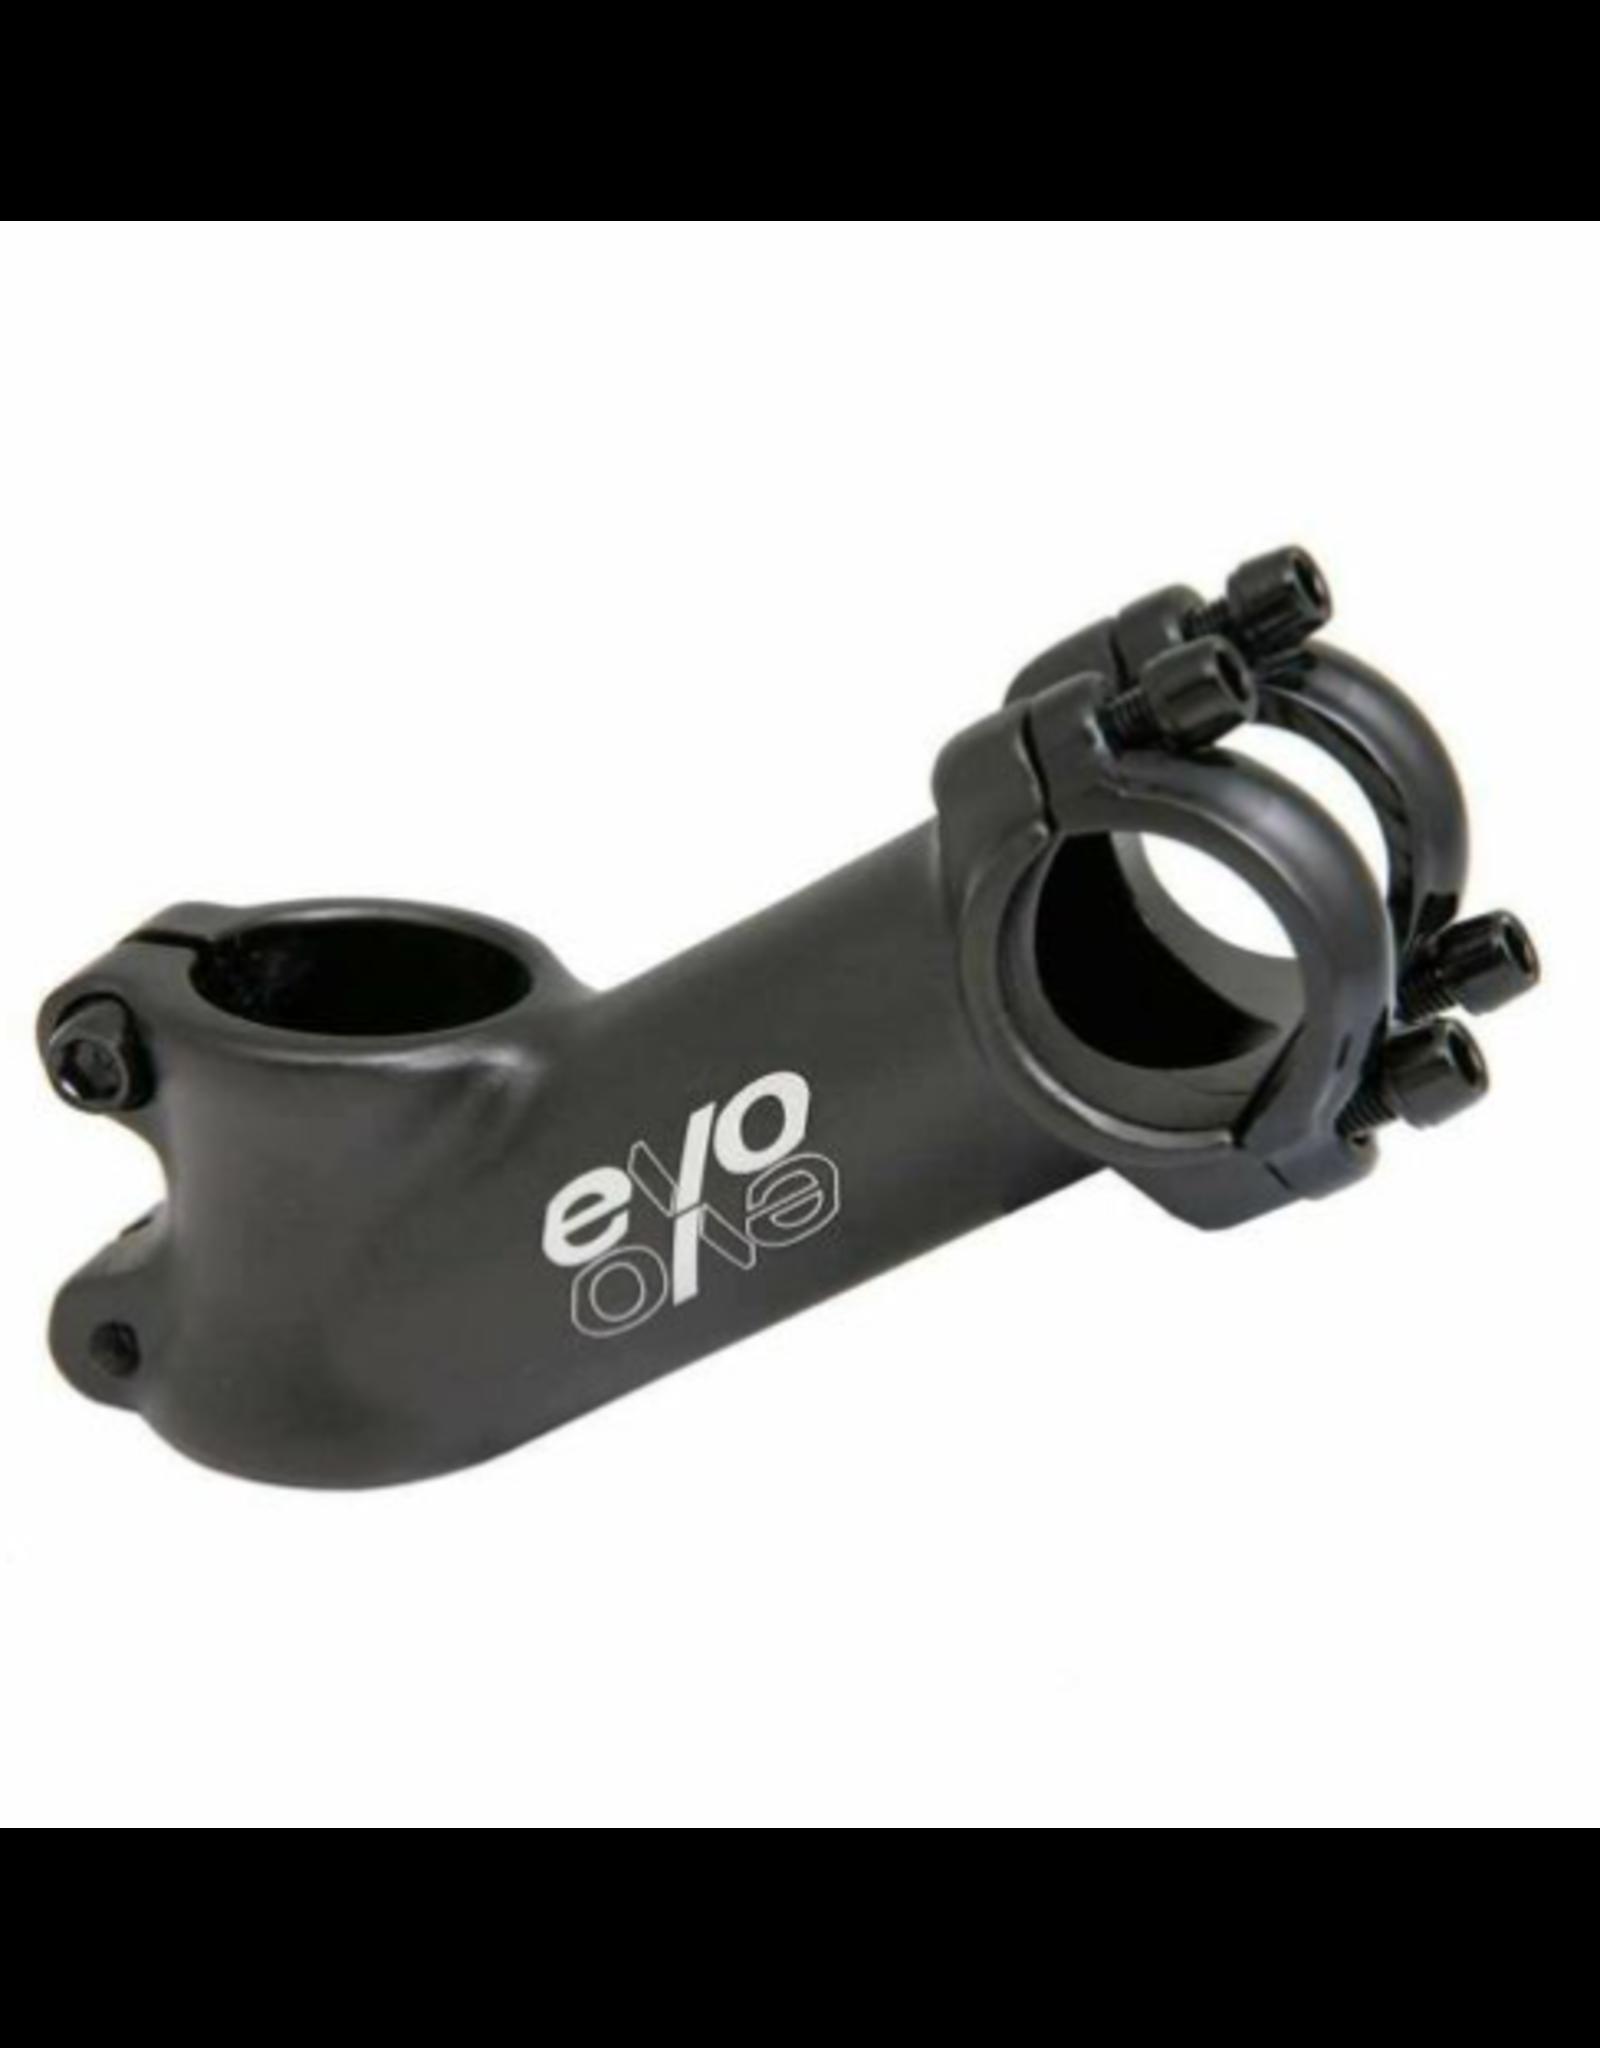 EVO EV , E-Tec, Stem, 28.6mm, 110mm, -35', 25.4mm, Black